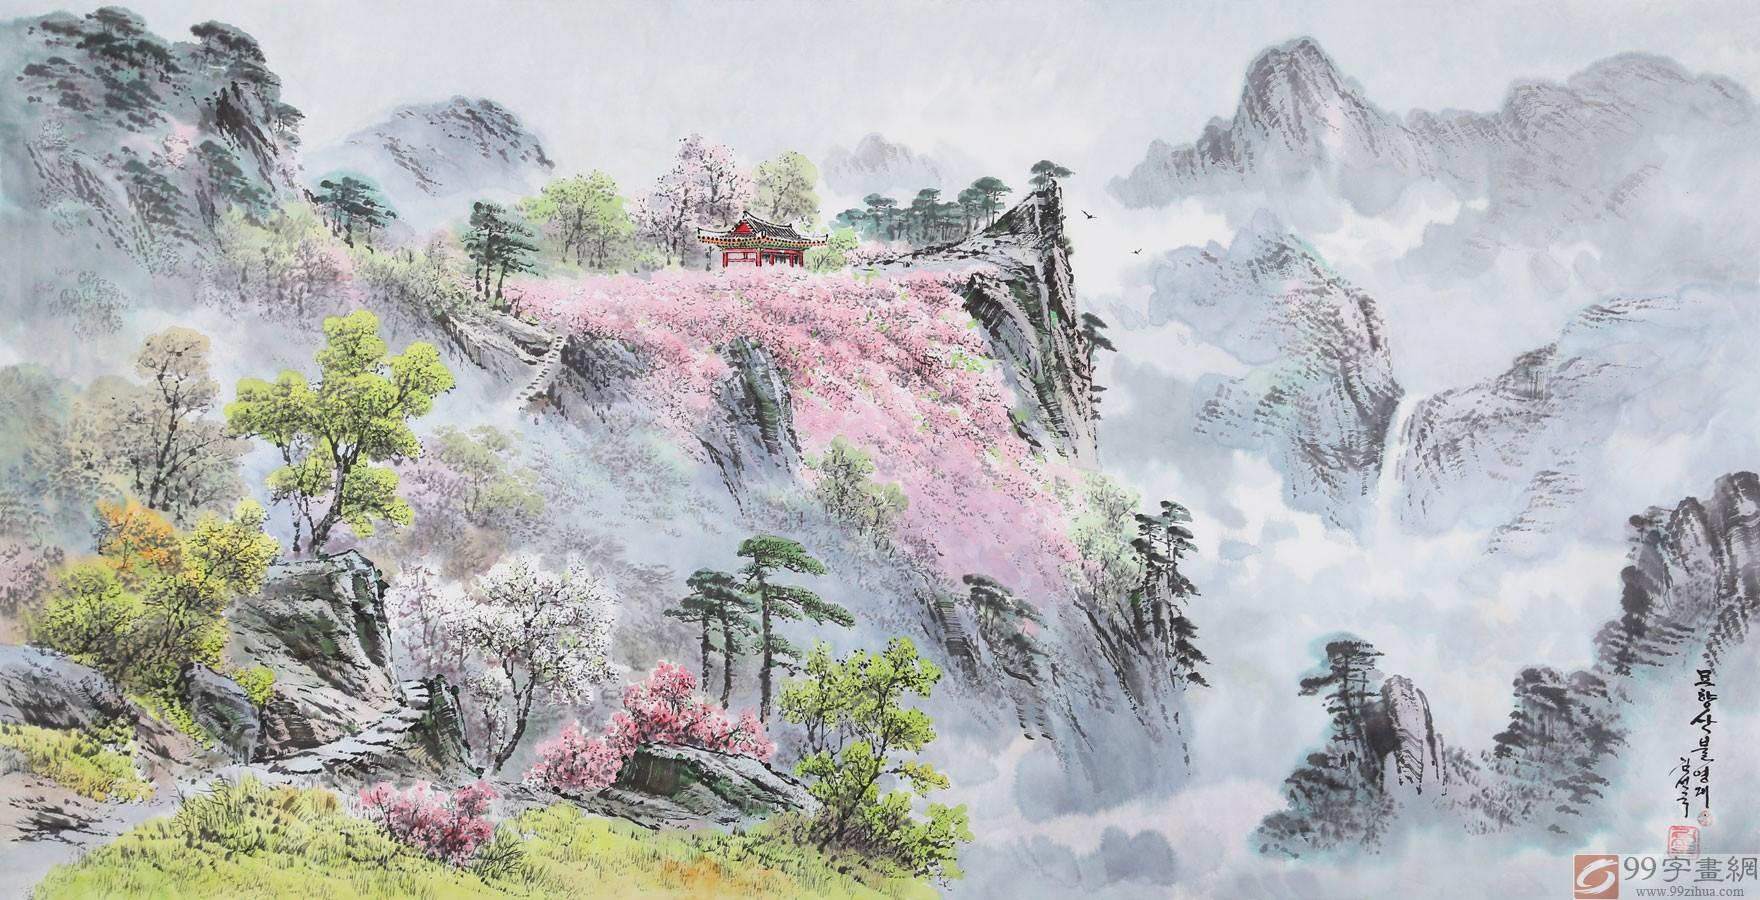 秋天层林尽染的自然景观细腻地刻画出来,在对风景的描绘上追求写实,而